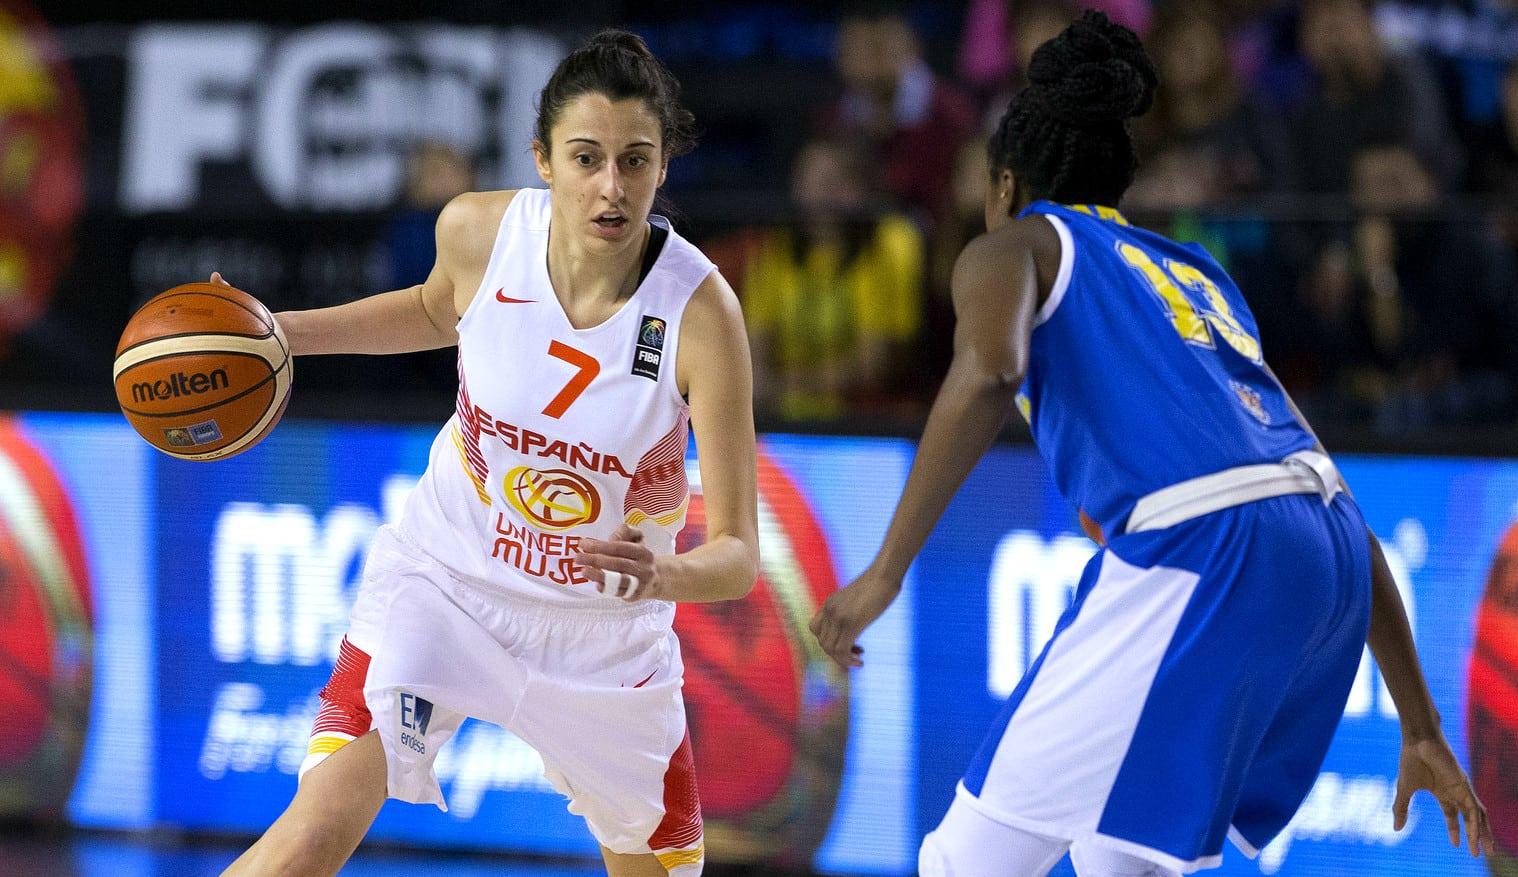 La Selección Femenina, al Eurobasket por la puerta grande: España gana a Suecia por 48